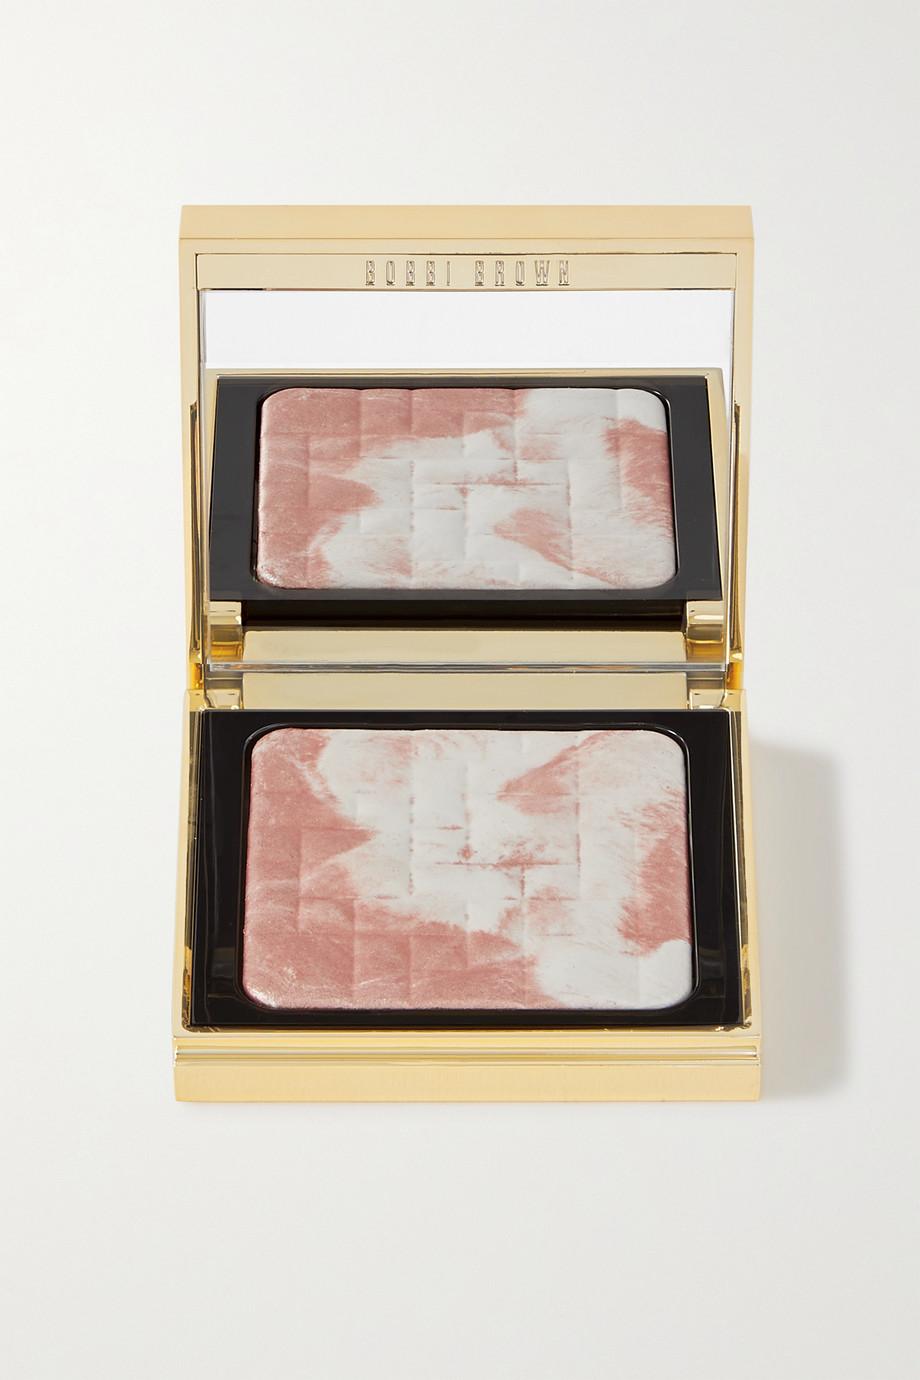 Bobbi Brown Highlighting Powder - Pink Glow